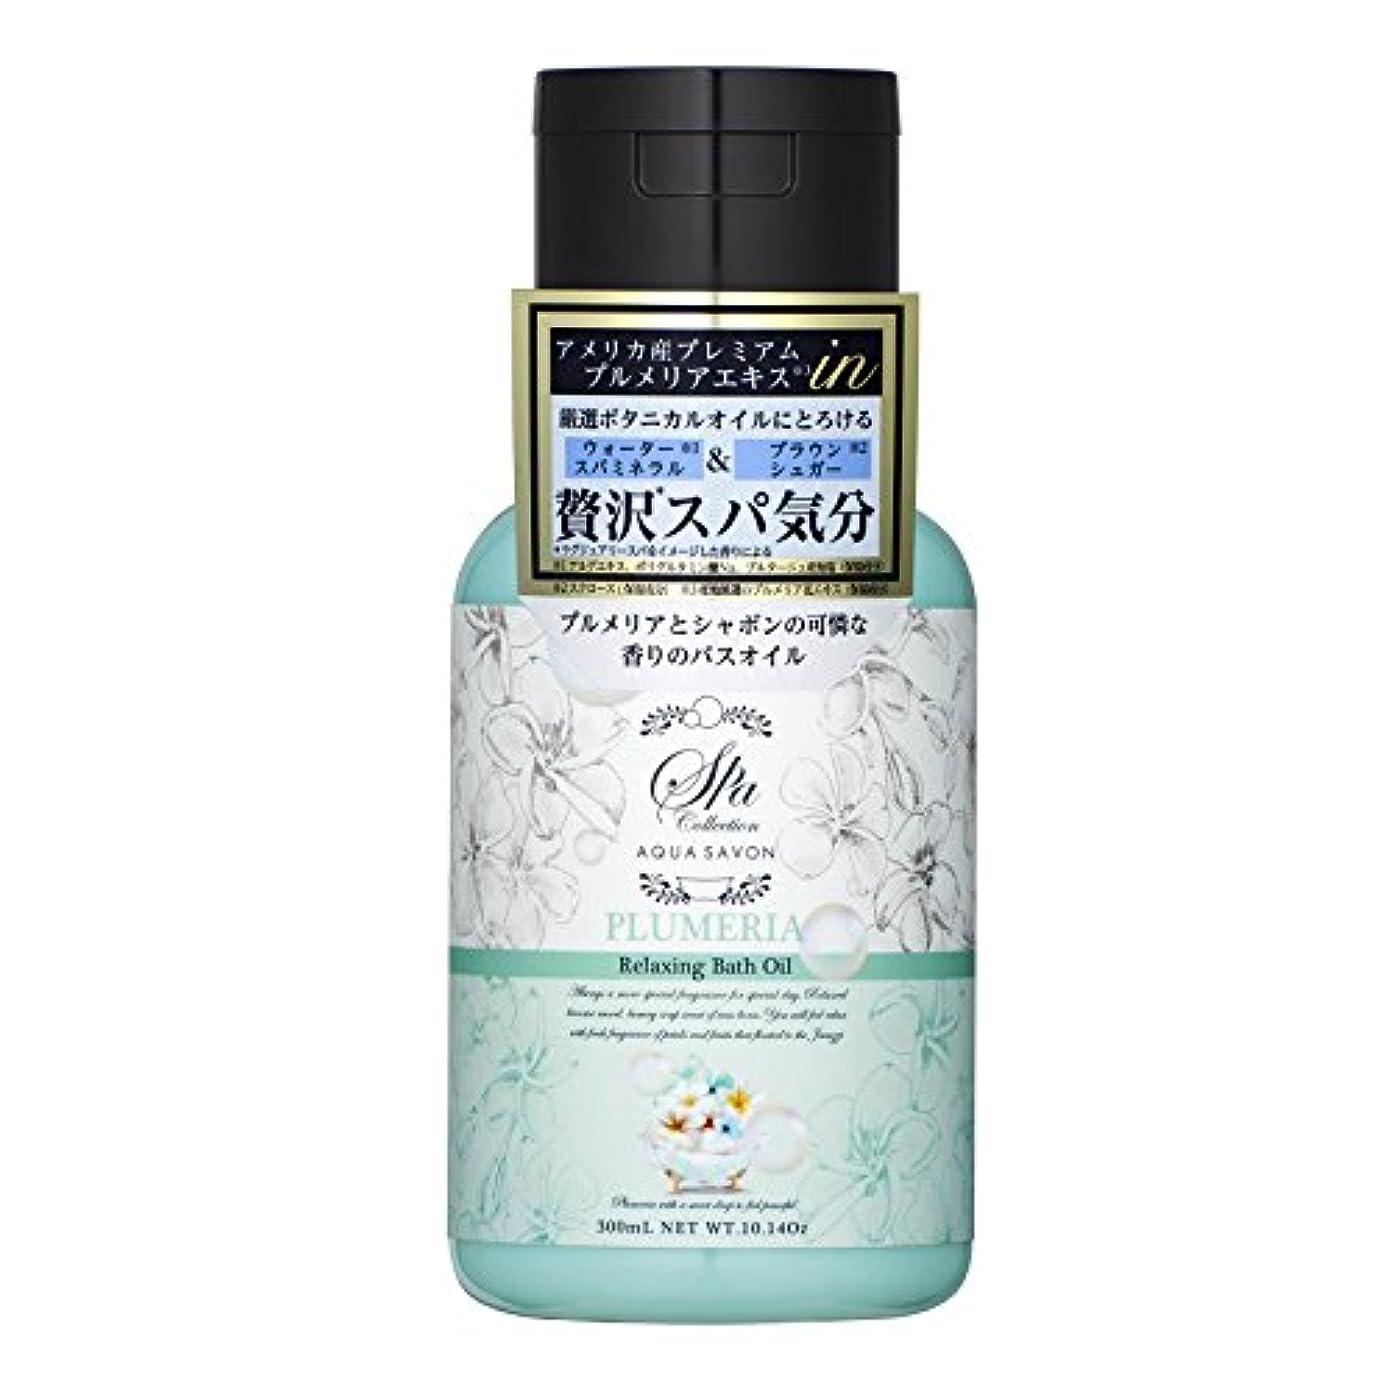 家壁紙操作アクアシャボン スパコレクション リラクシングバスオイル プルメリアスパの香り 300mL